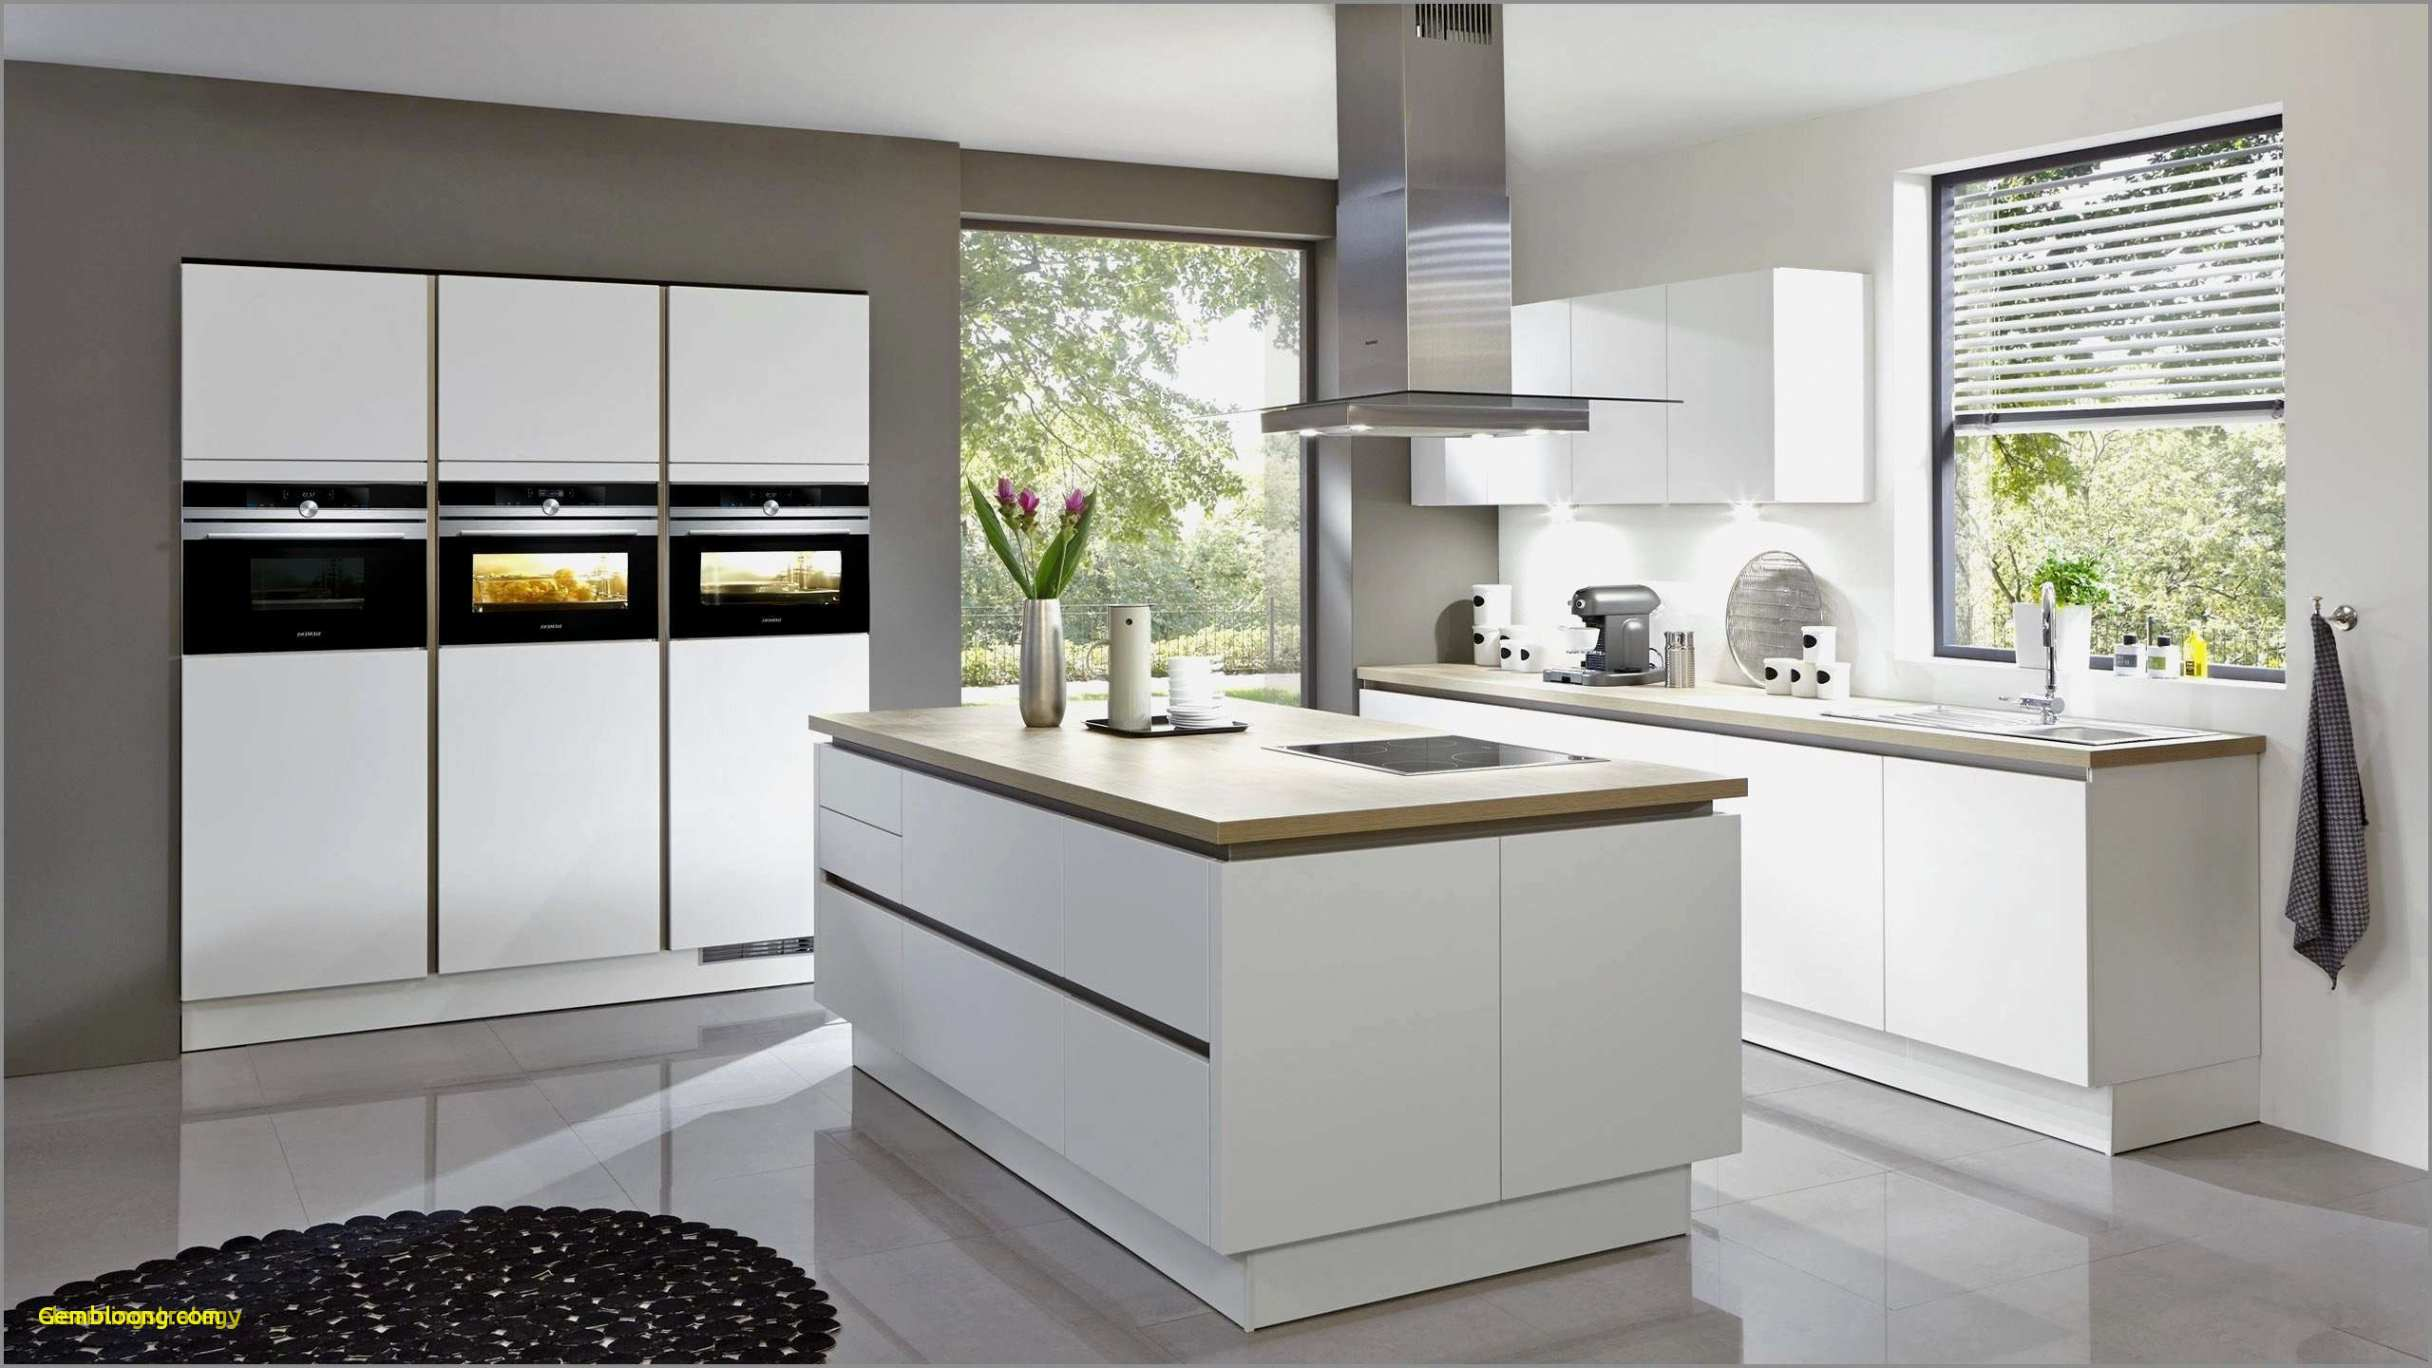 Full Size of Komplette Neue Kleine Küche Einrichten Sehr Schmale Küche Einrichten Küche Einrichten Ideen Küche Einrichten Mit Eckbank Küche Küche Einrichten